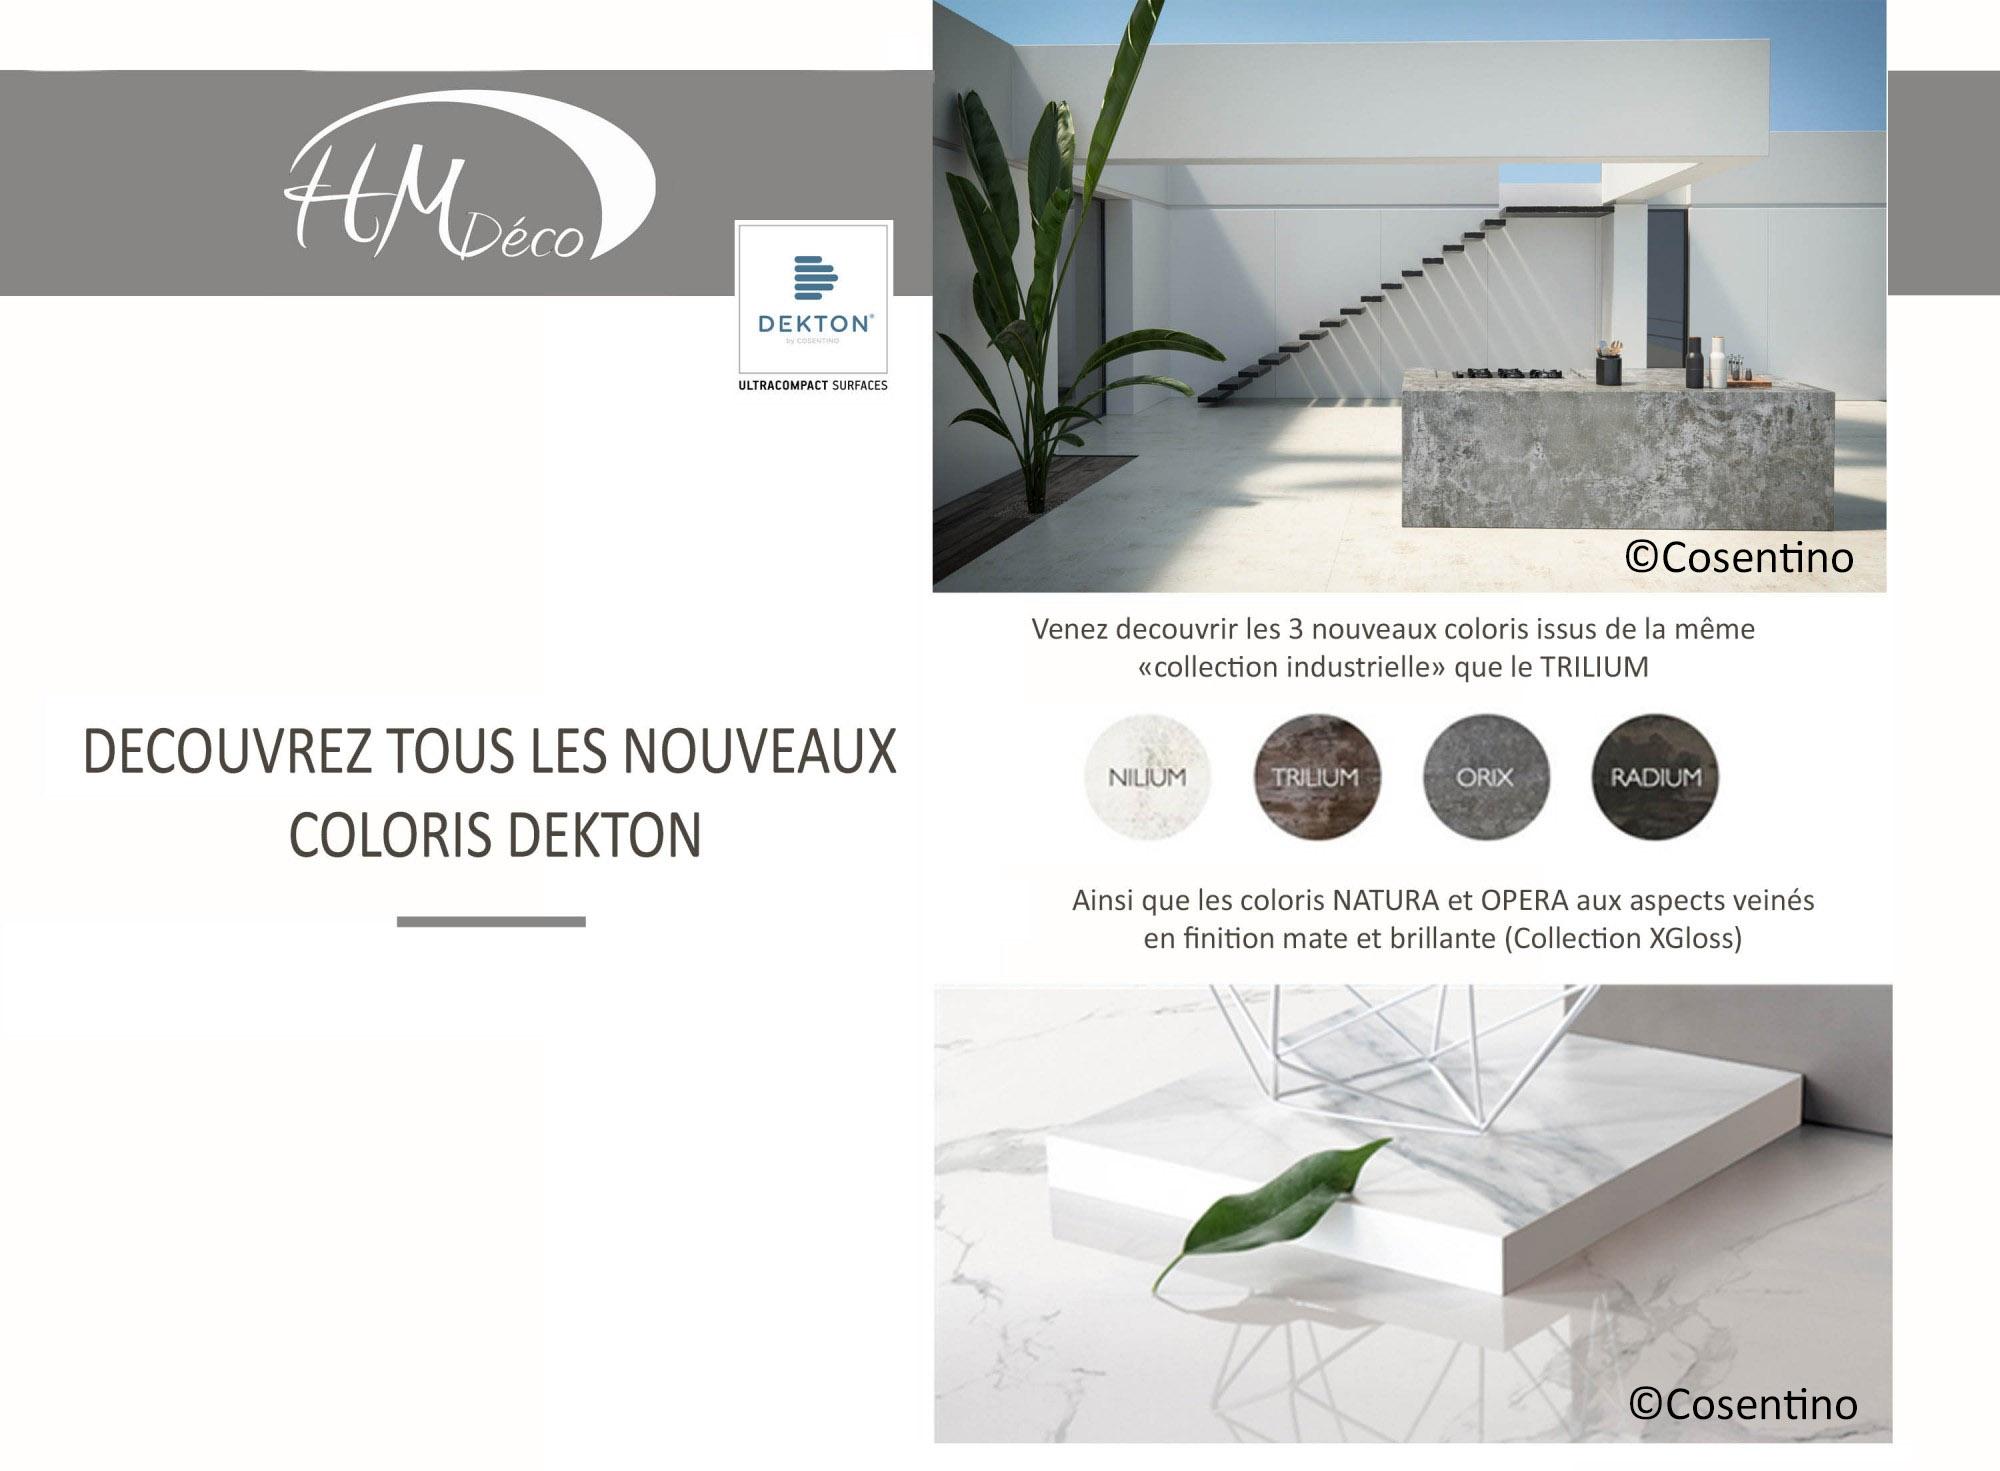 nouveaux dekton en Gironde chez HM DECO